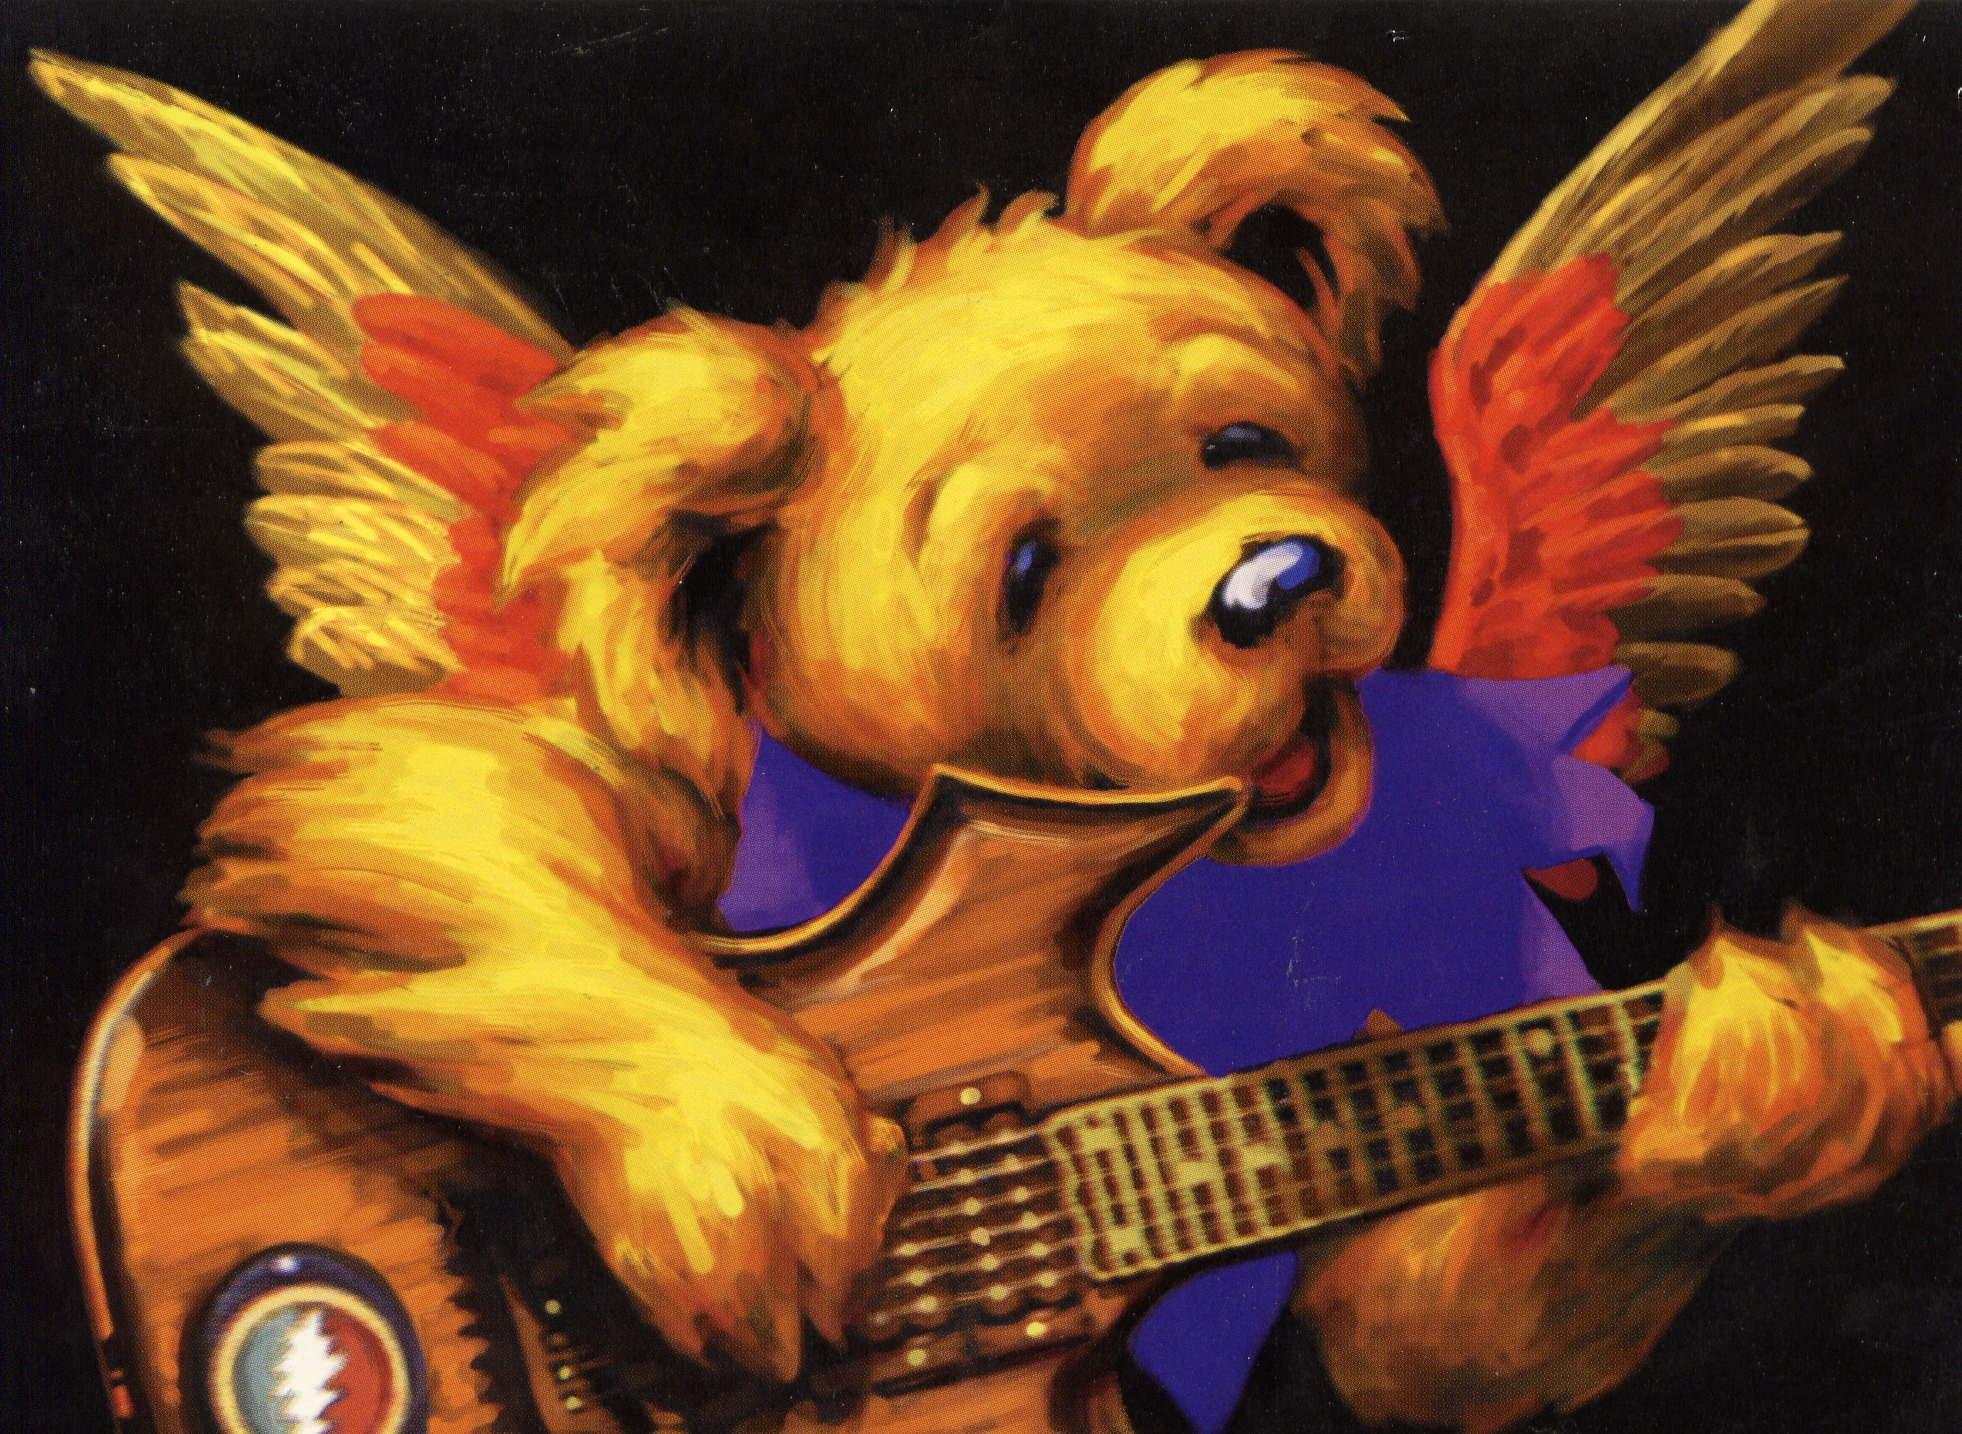 Grateful Dead Bears Wallpaper for kids